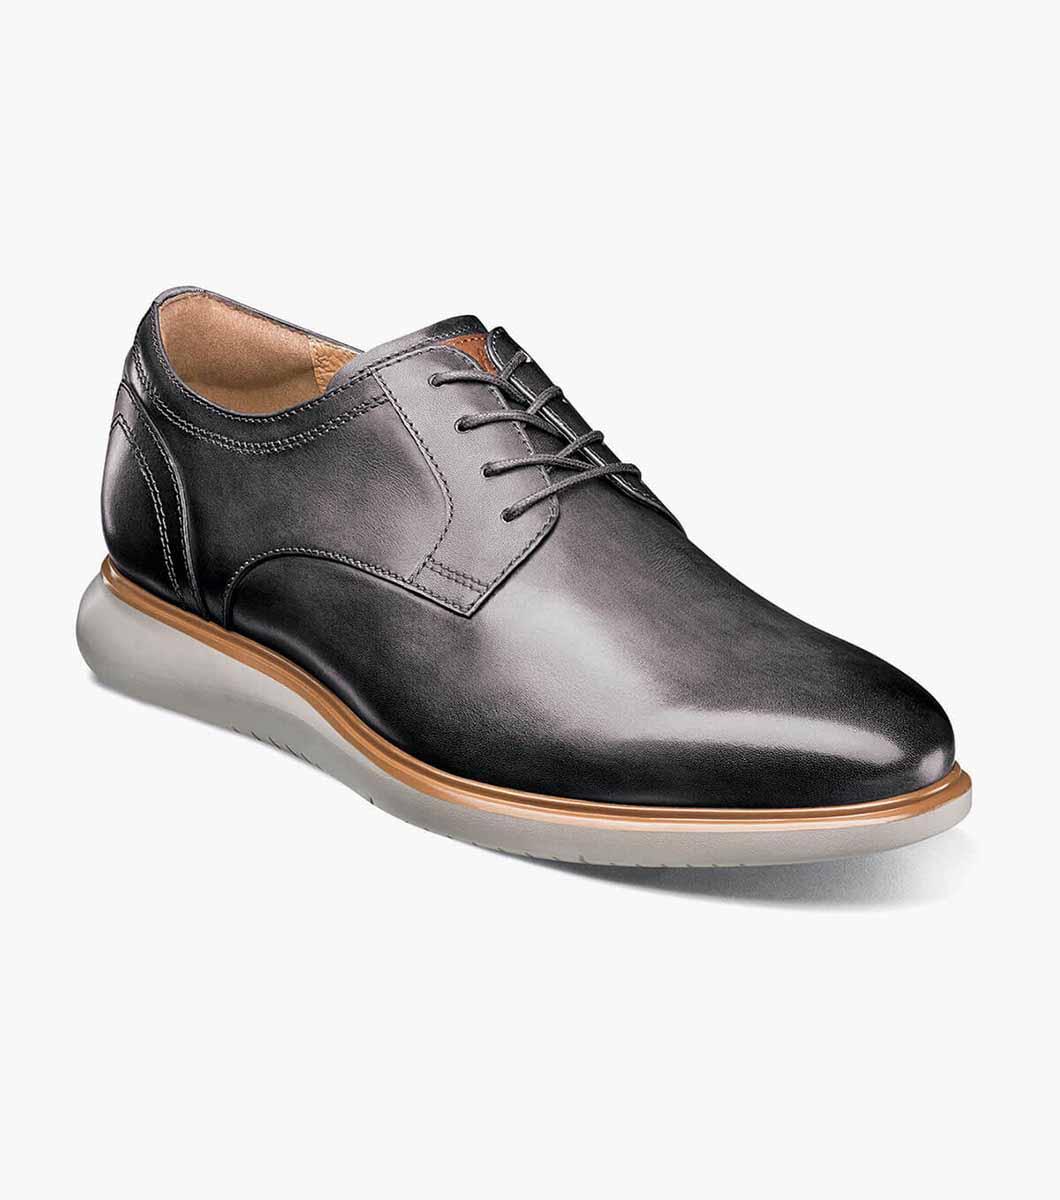 7b3cf135d3c2 Men s Dress Shoes